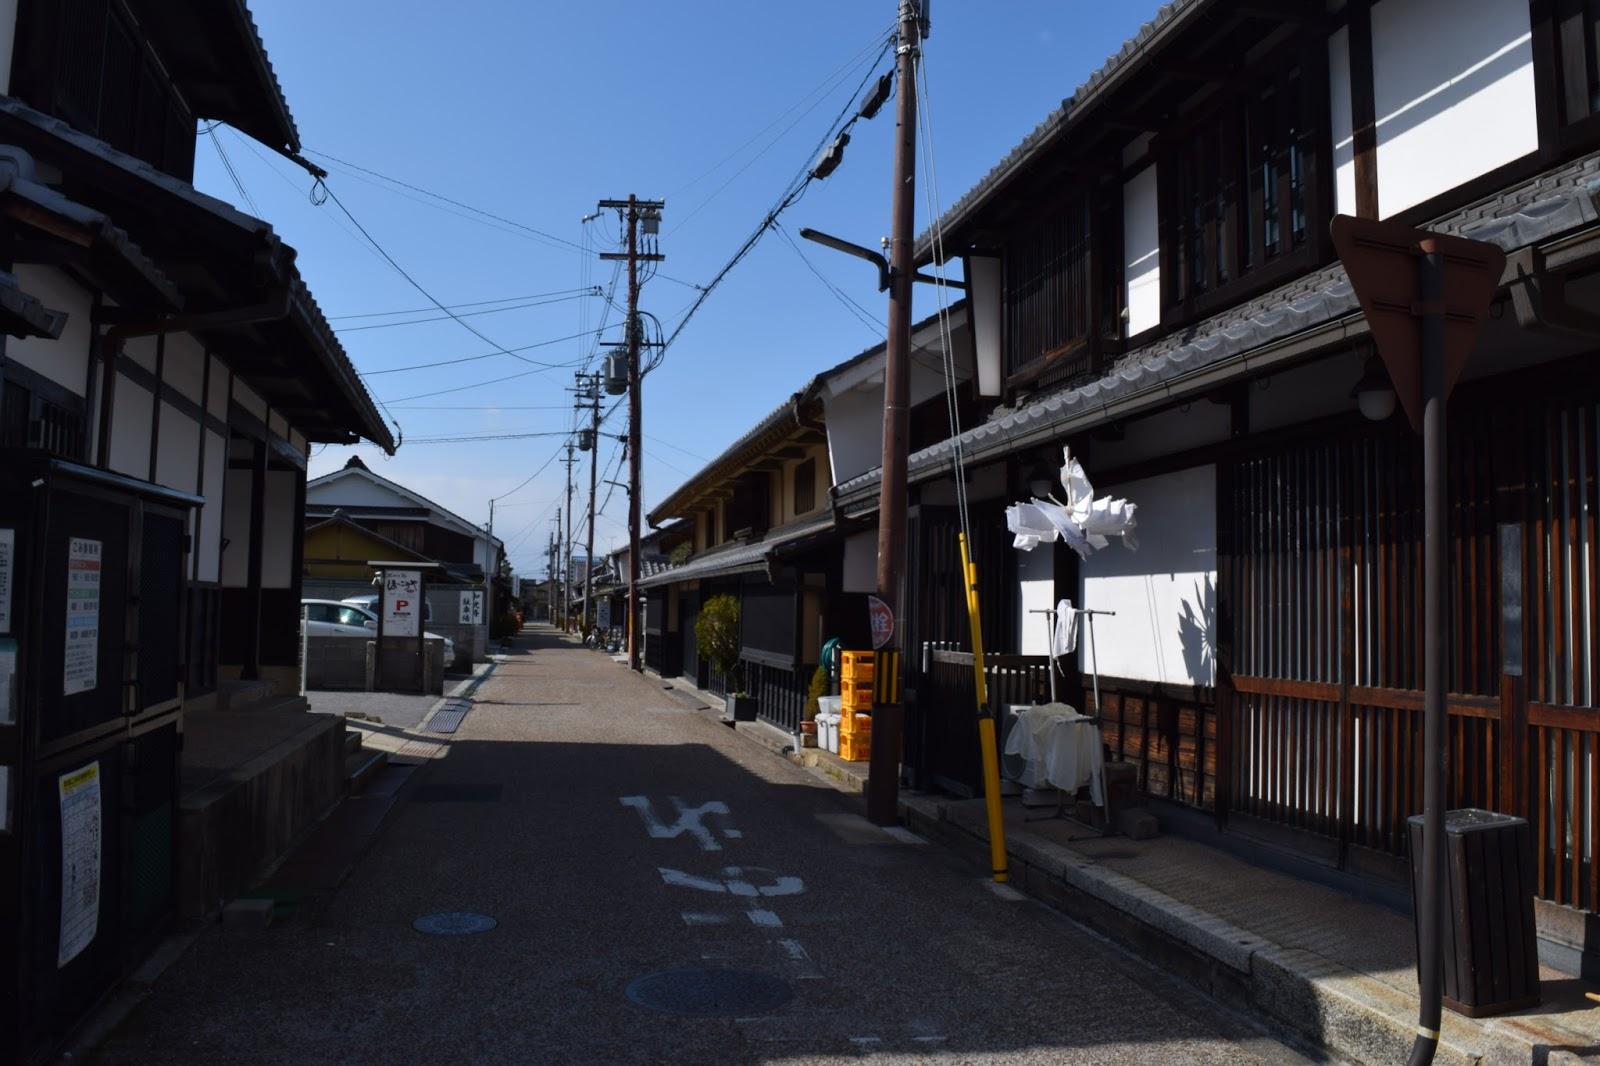 Hikone Japanese town